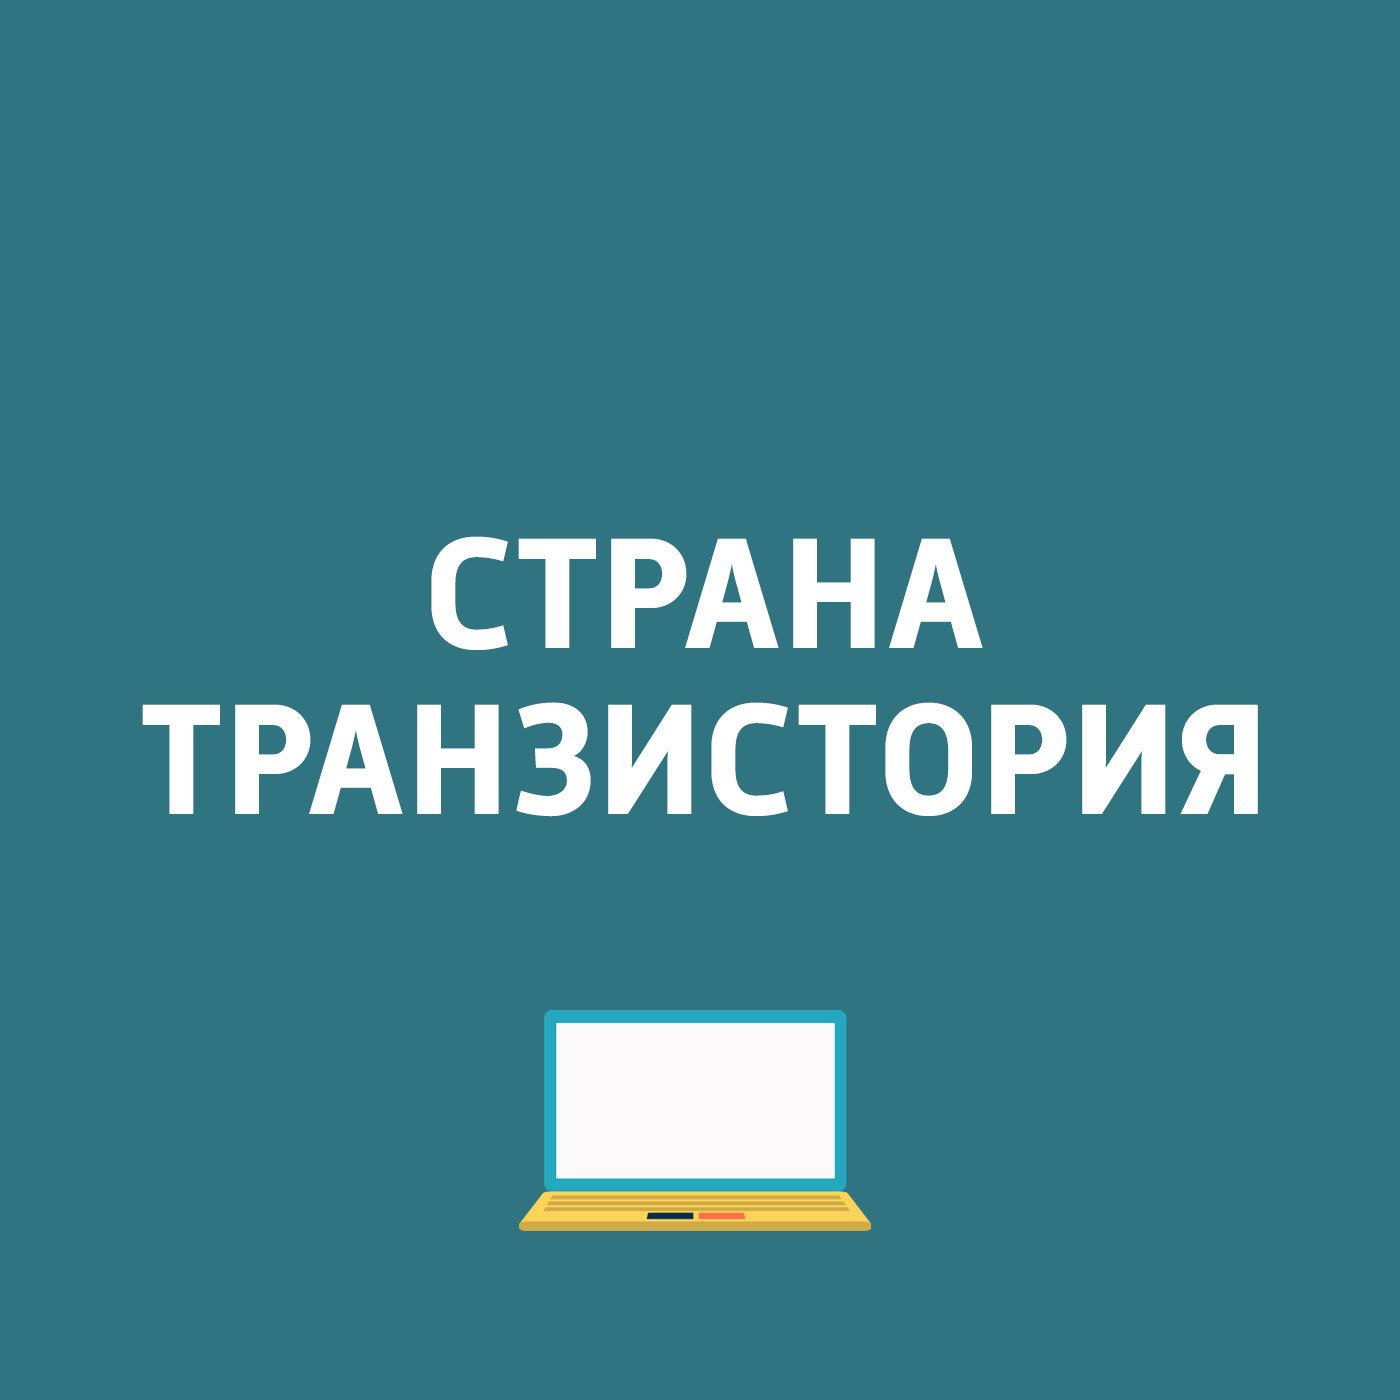 Картаев Павел Новый iPhone, Ошибка 53, музей вирусов